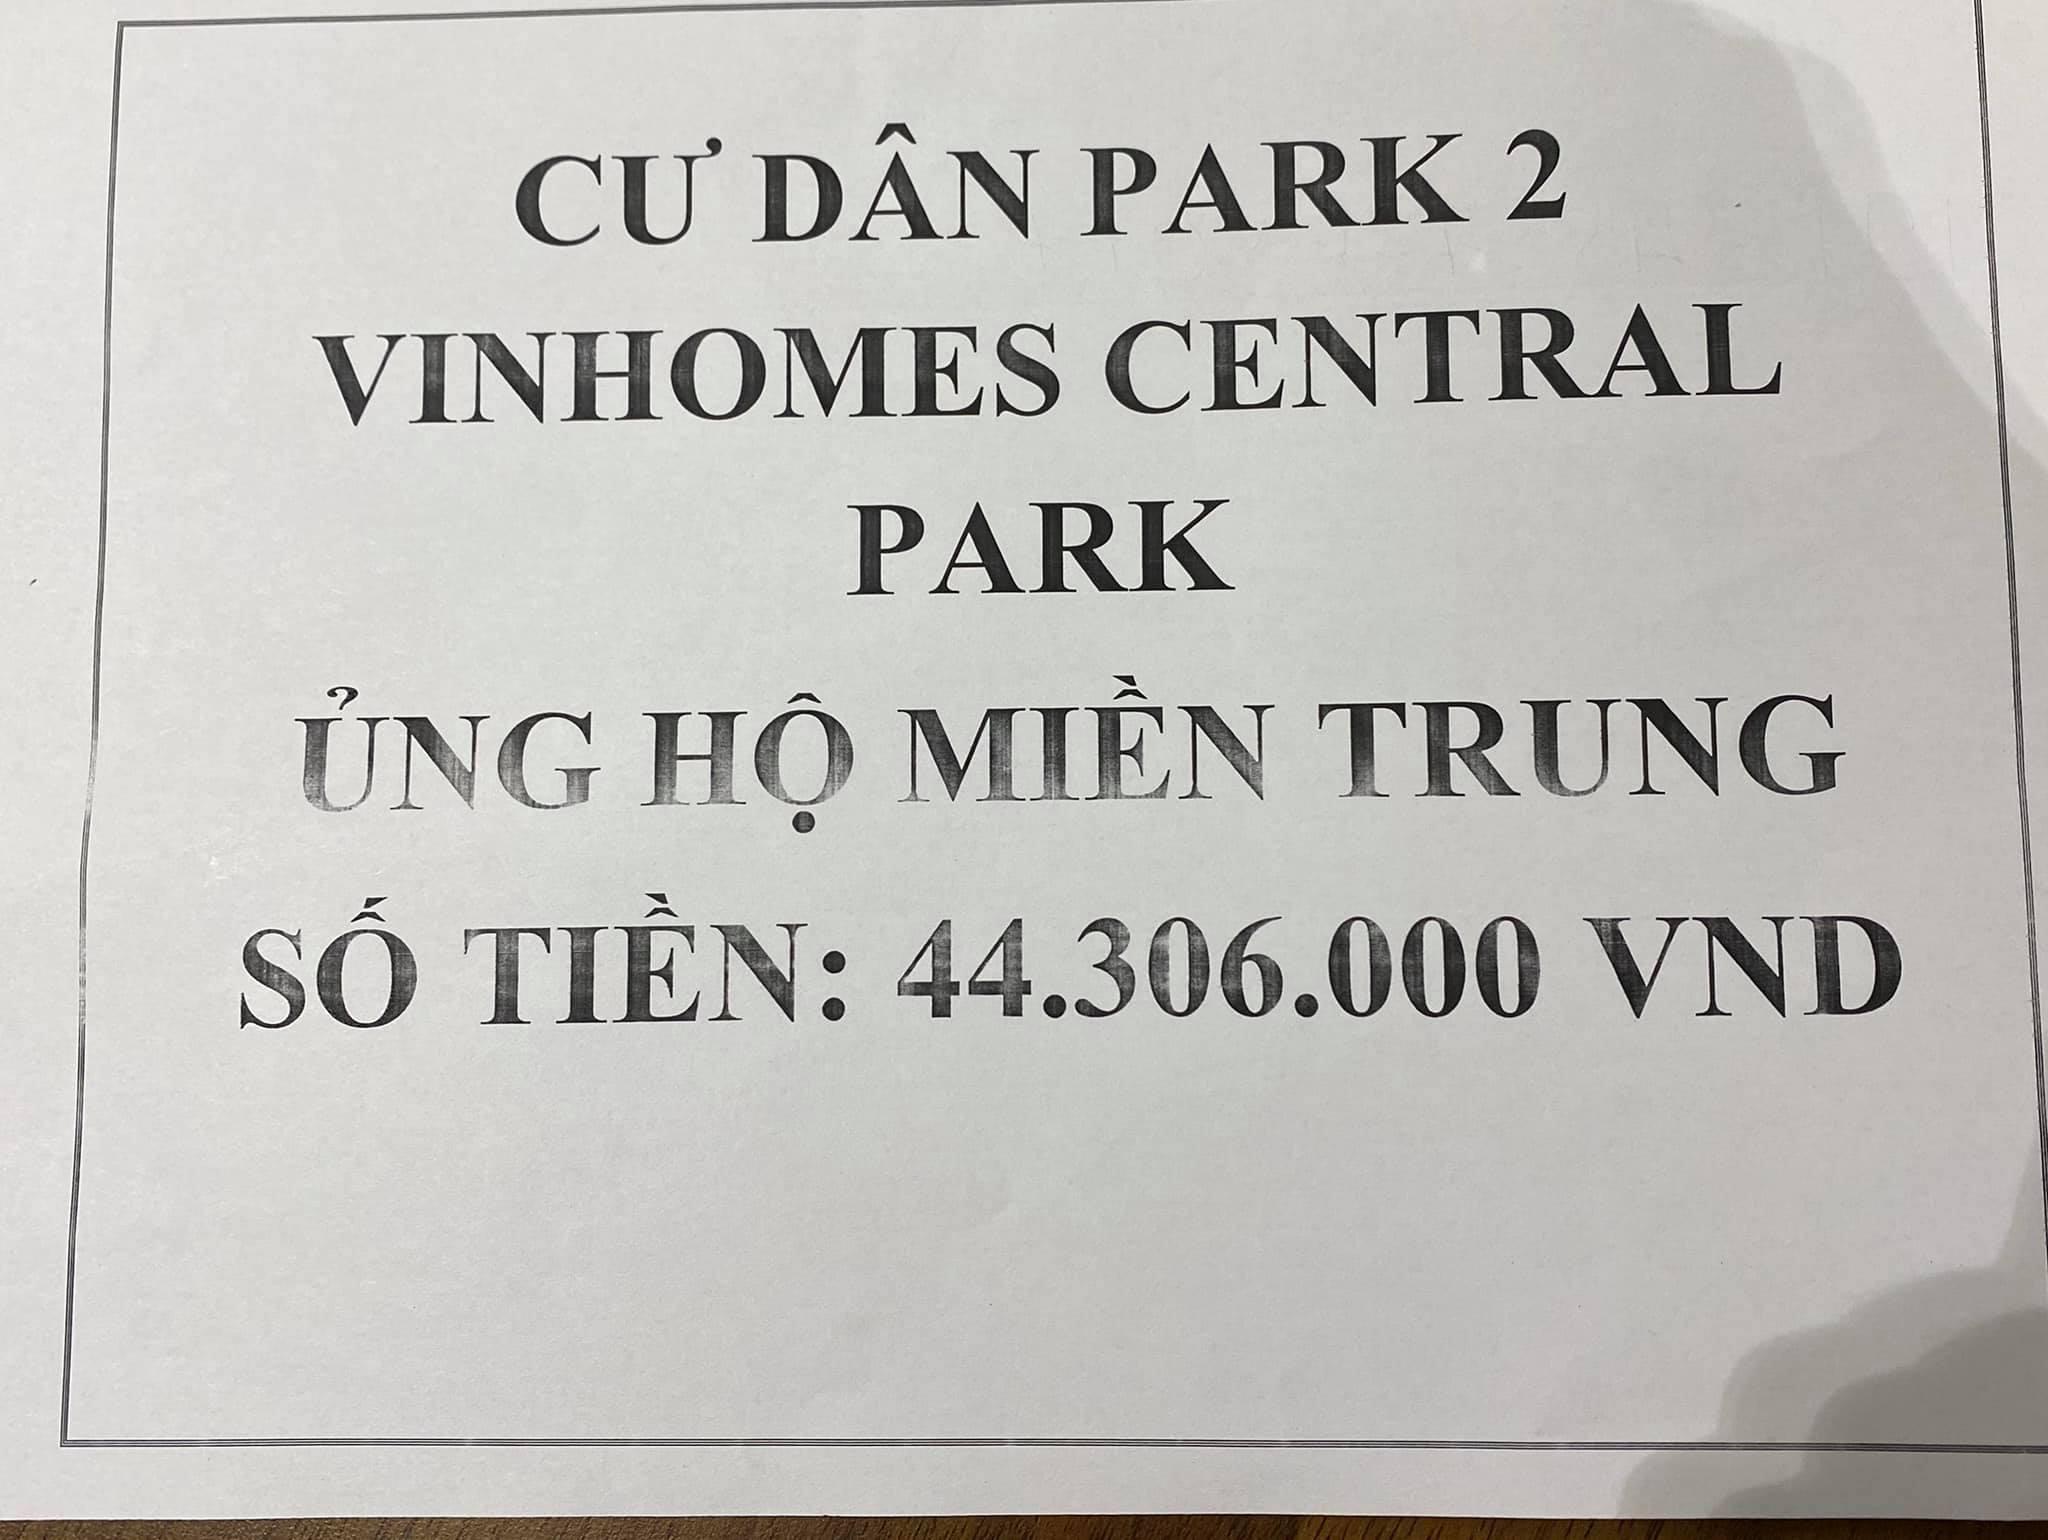 VCP Park 2 cuu tro mien Trung 10.2020 3